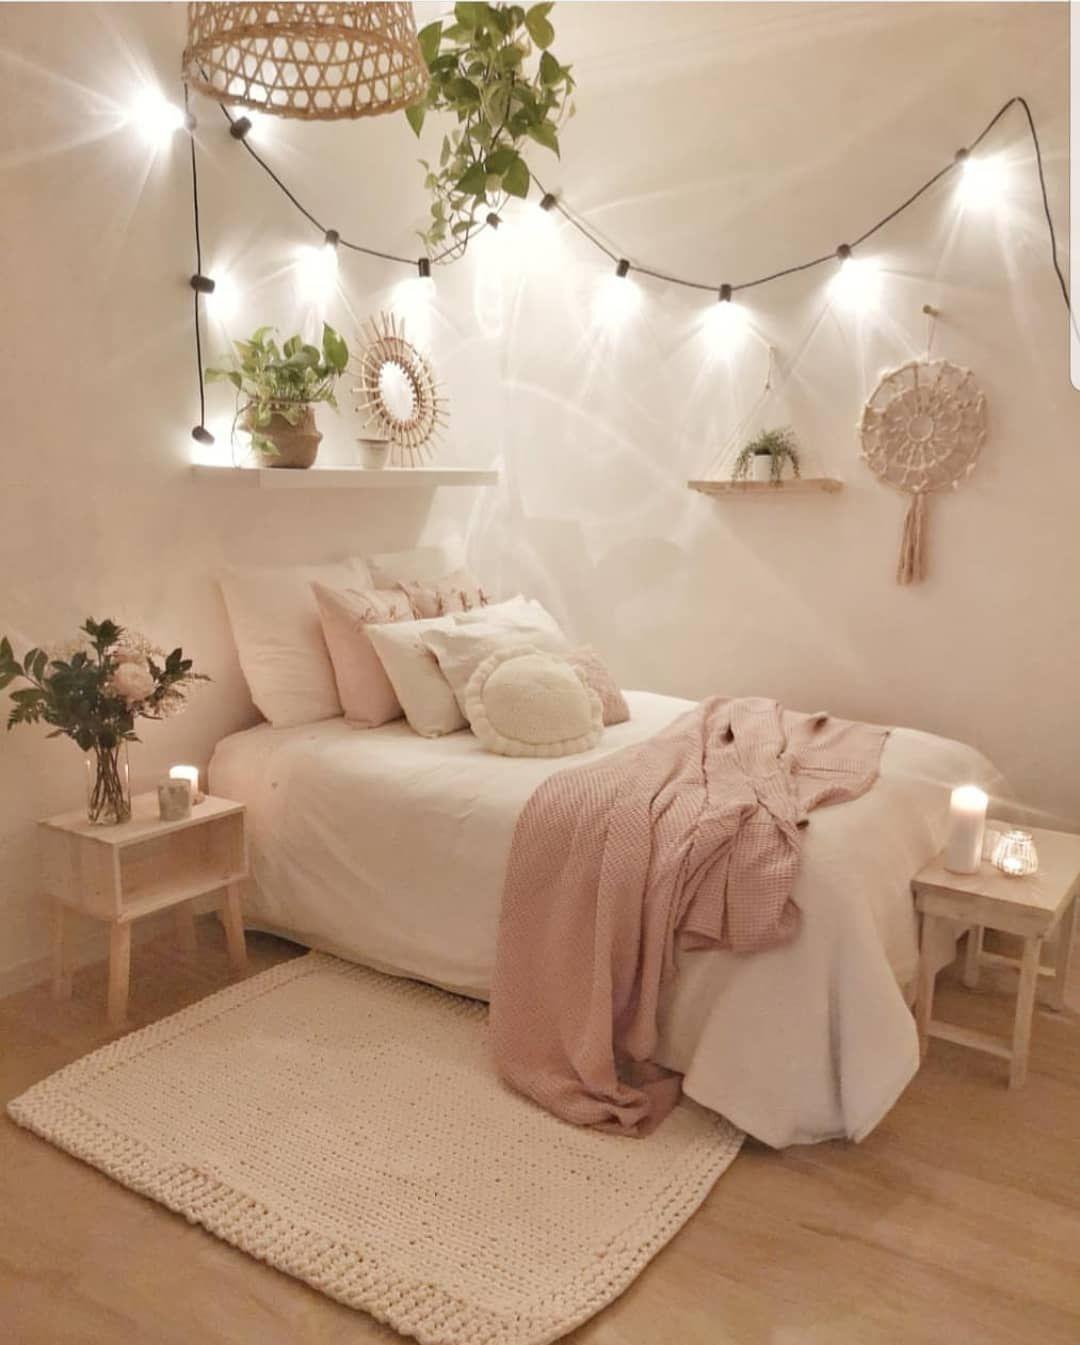 DECORATION RARE en 16  Idées chambre, Decoration chambre